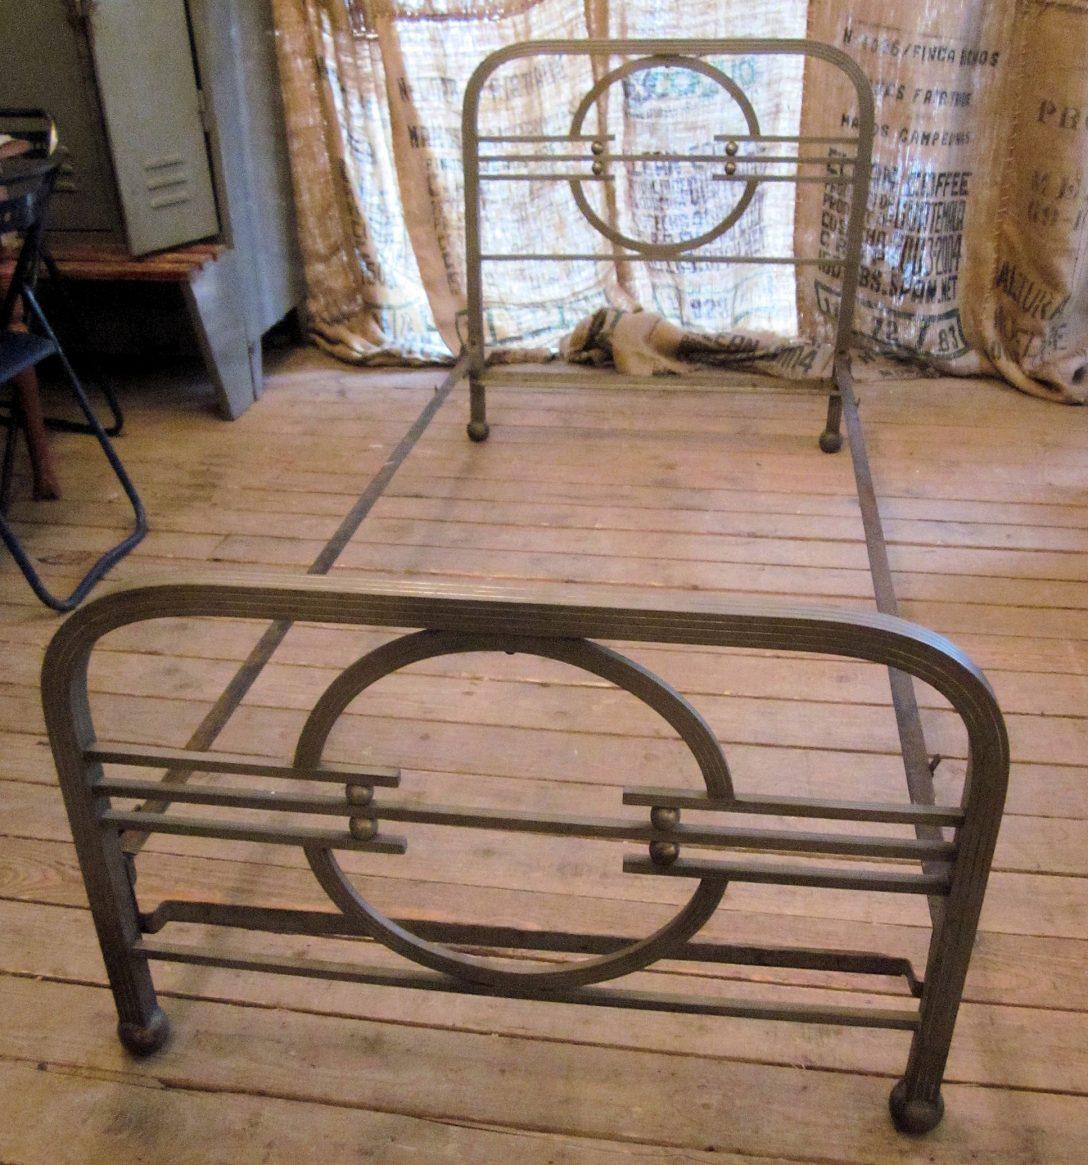 Large Size of Bett Antik 01620 Art Deco Aus Metall Wandel Amazon Betten 180x200 Schwarz Im Schrank Bettkasten Günstige 140x200 Kaufen Hamburg Massivholz Barock Ohne Füße Bett Bett Antik